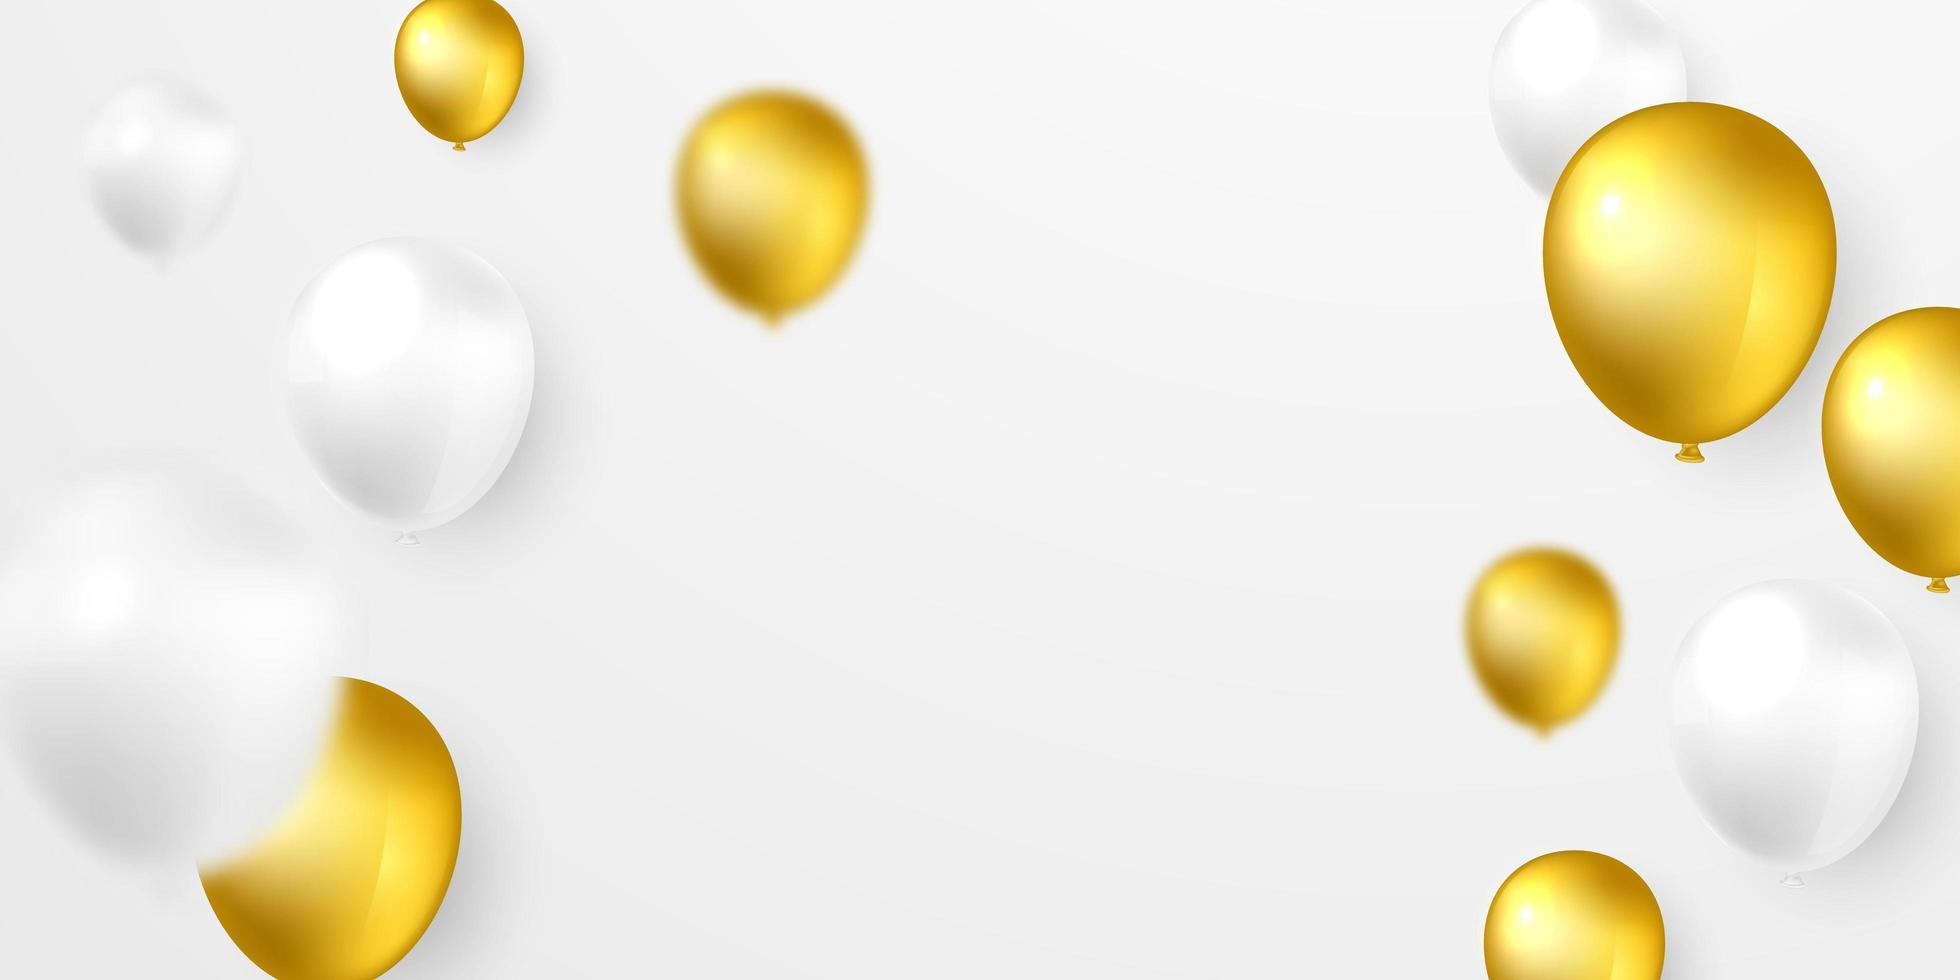 fundo de balão de hélio branco e dourado vetor